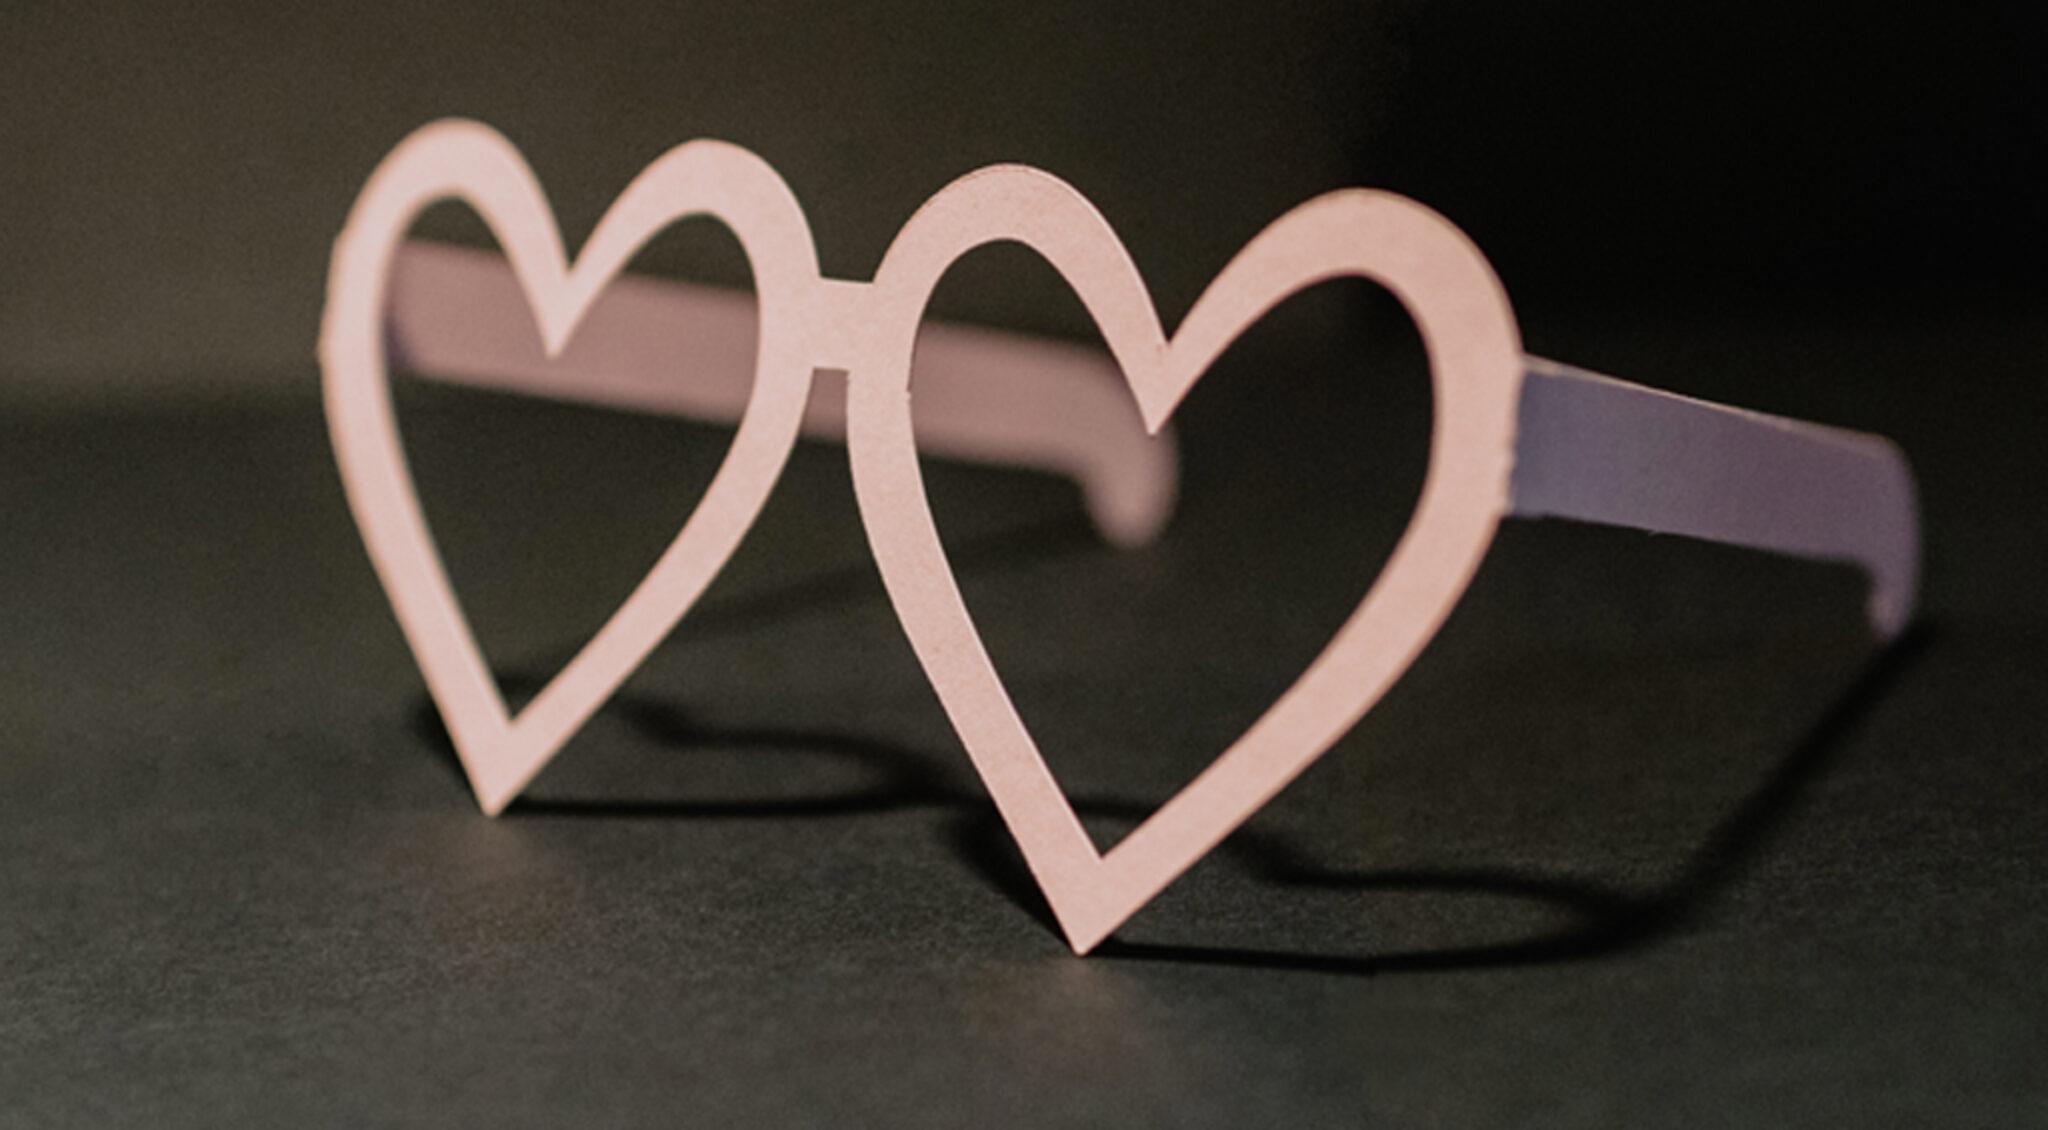 Eine aus rosa Papier gefertigte Brille mit Gläsern in Herzform.